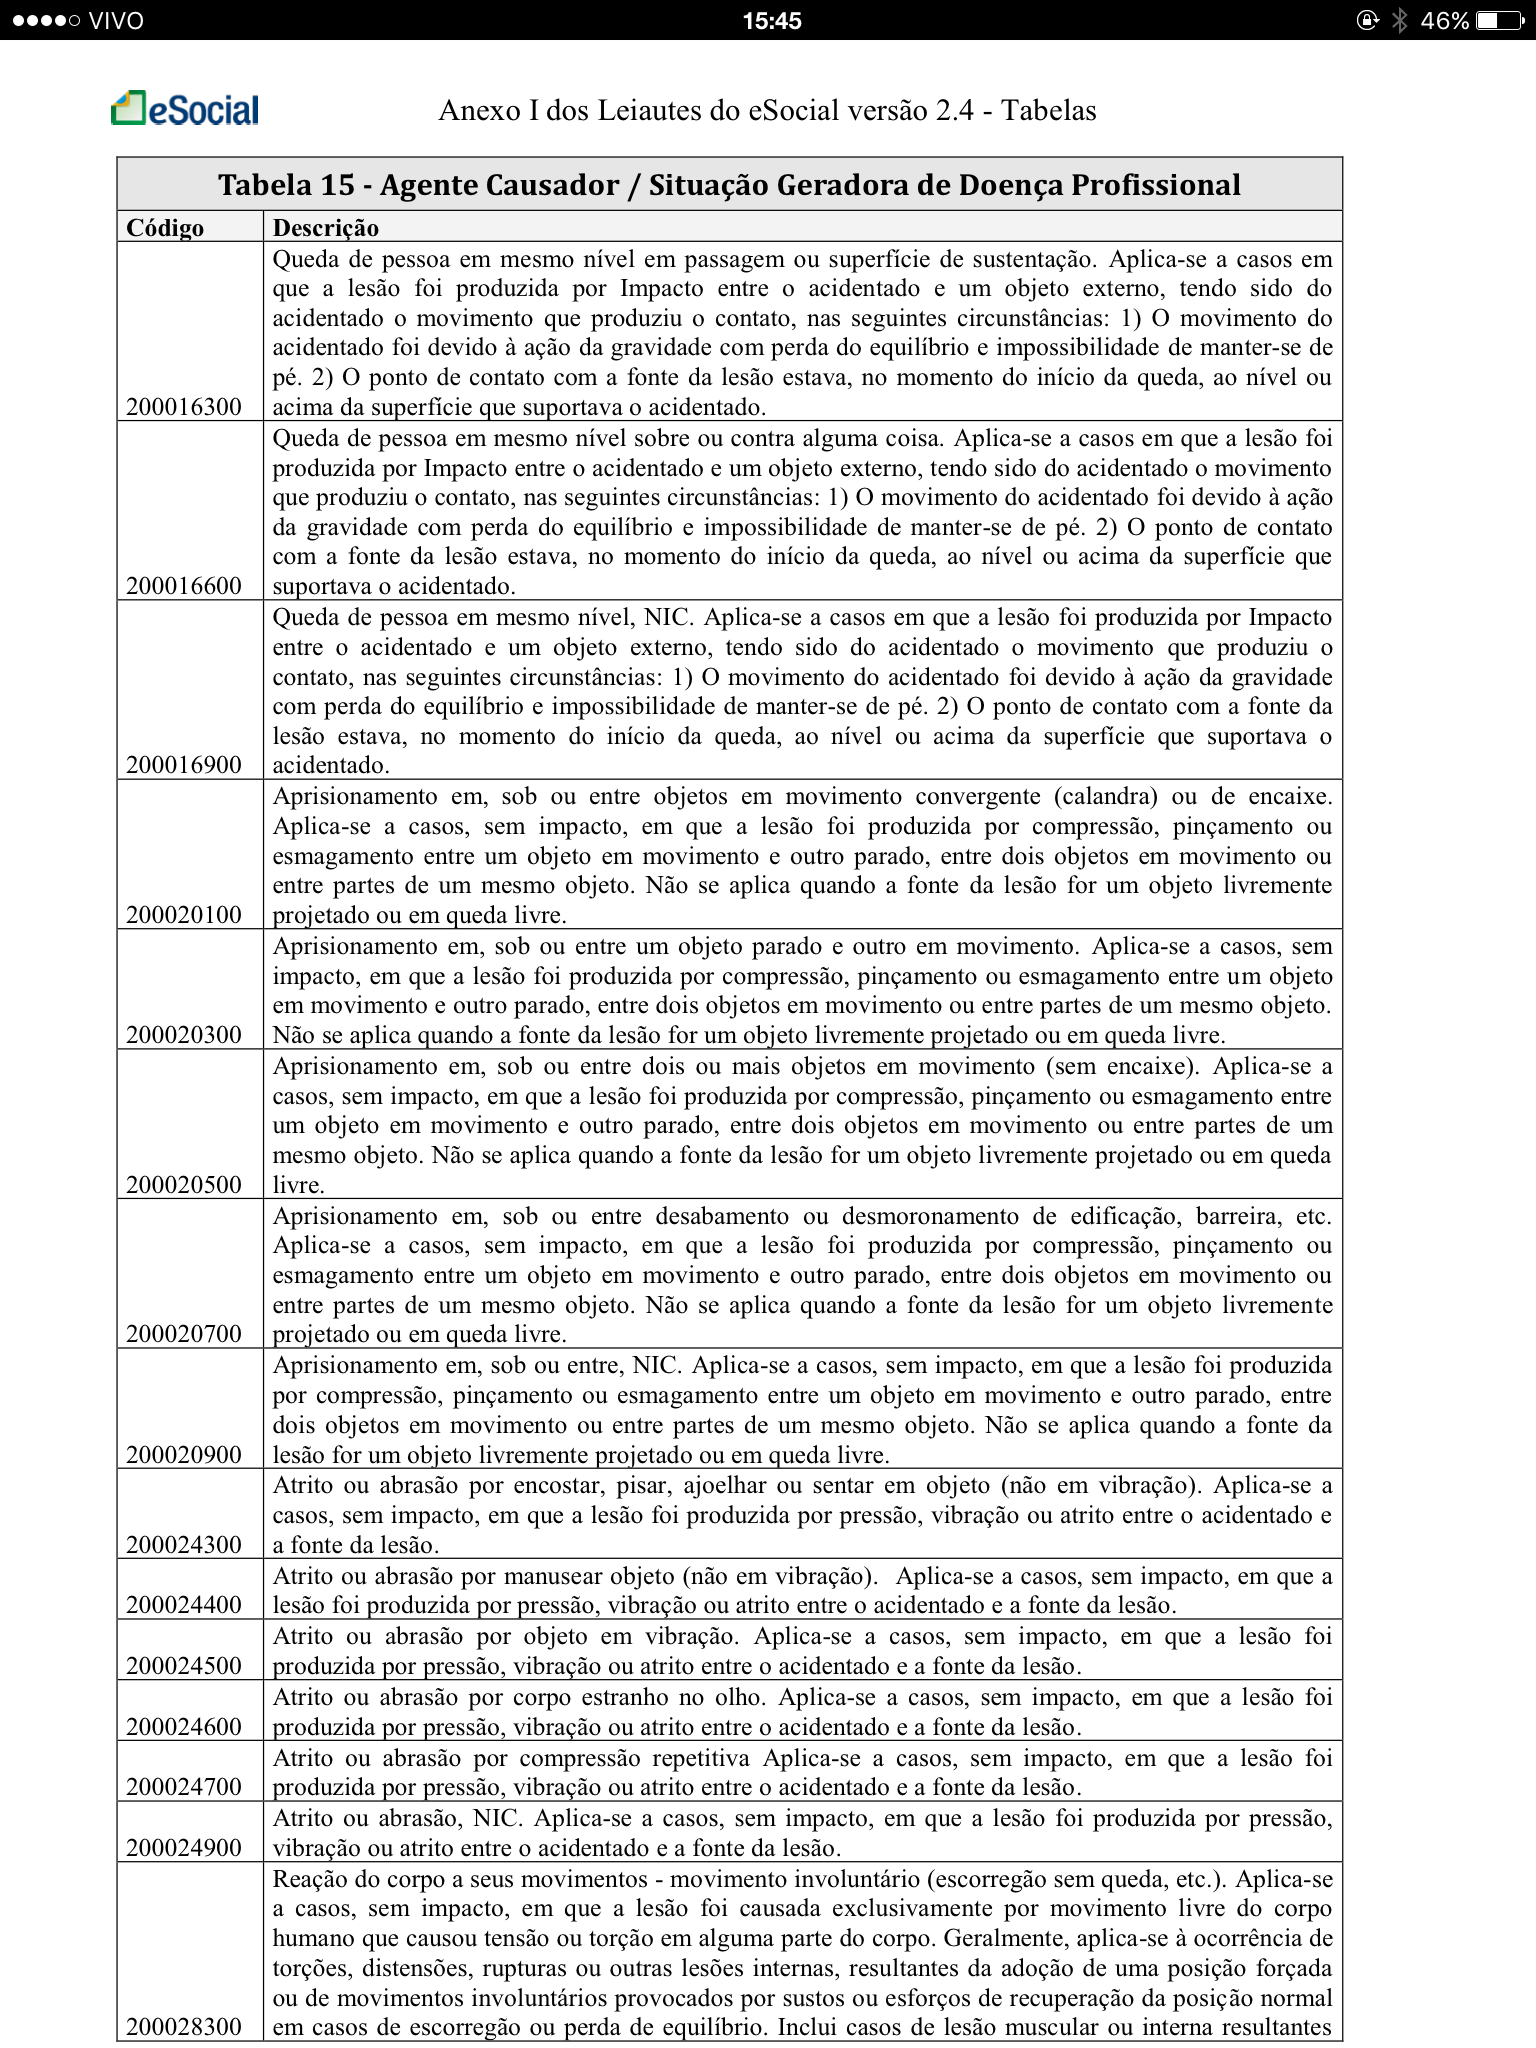 Tabela 15 - Agente Causador - Situação Geradora de Doença Profissional 2